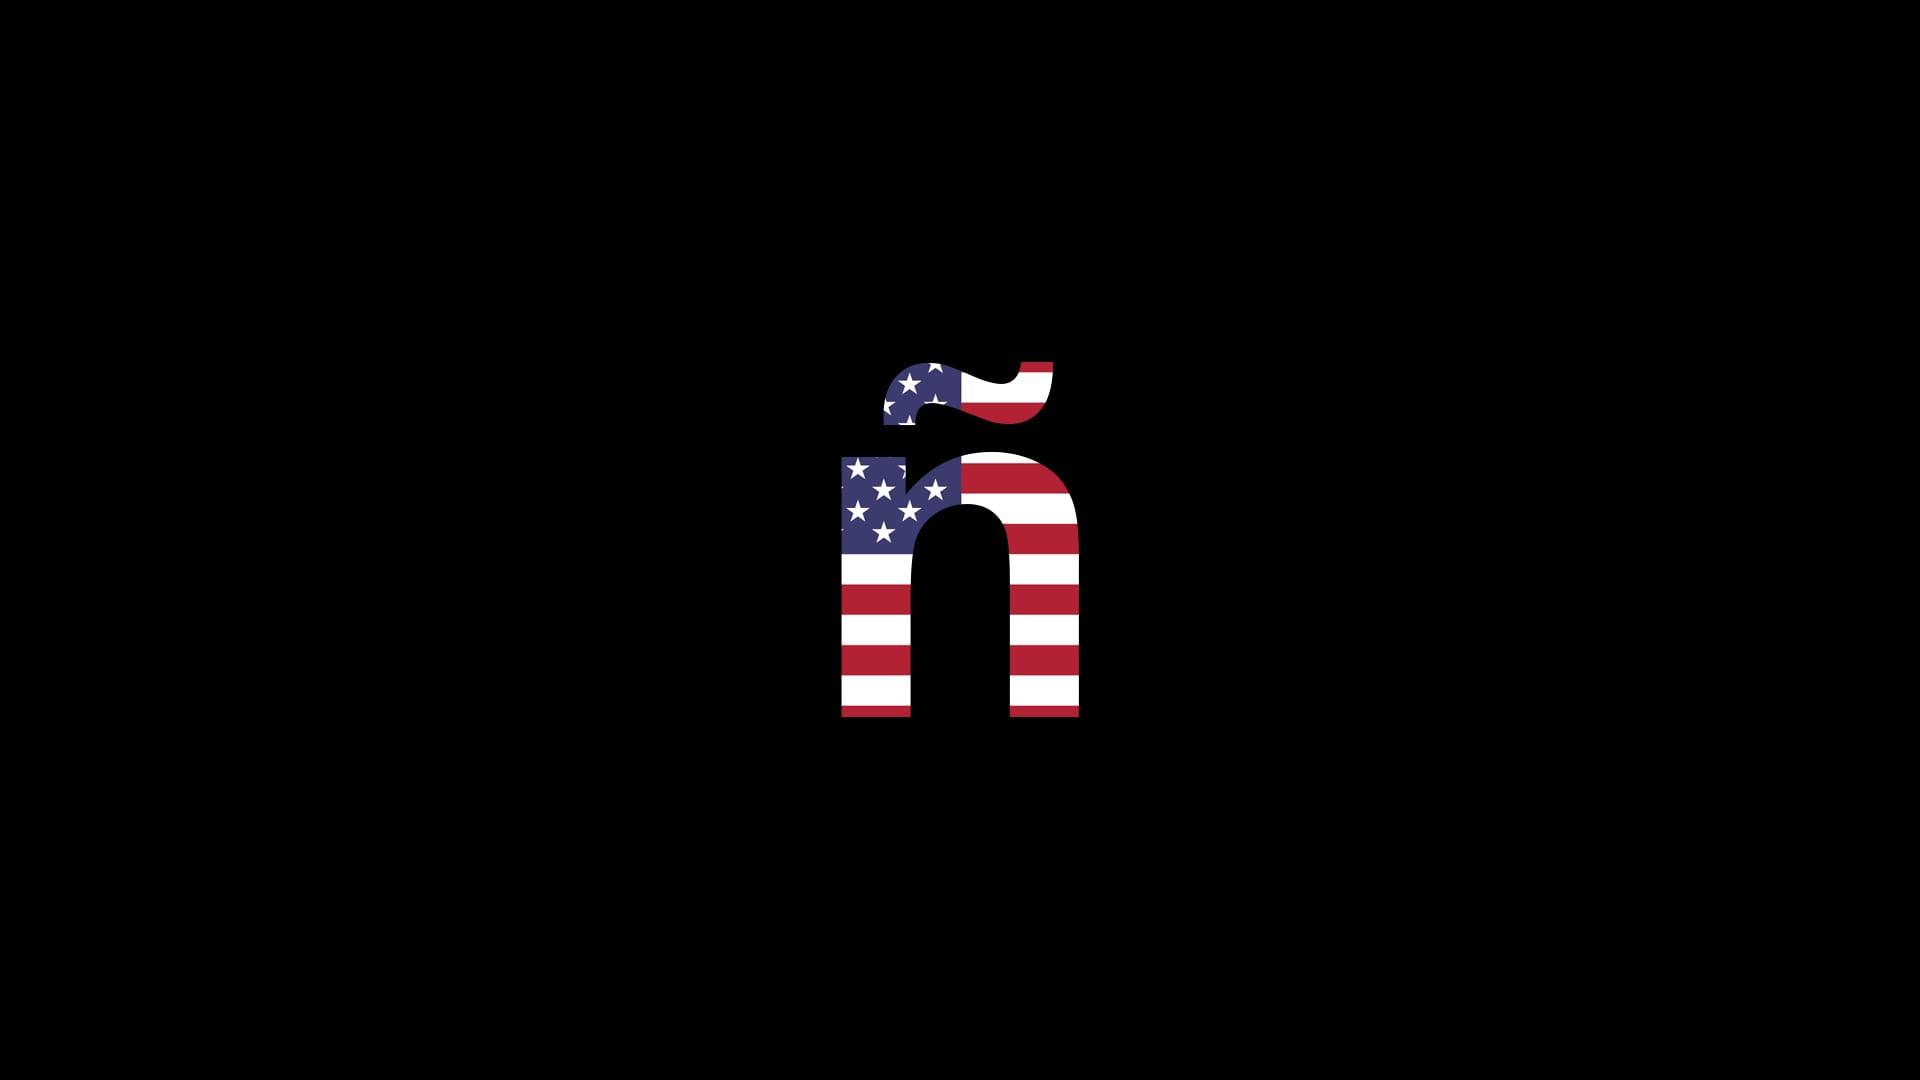 Bandera ñ Will Smith Quiere Hablar Español